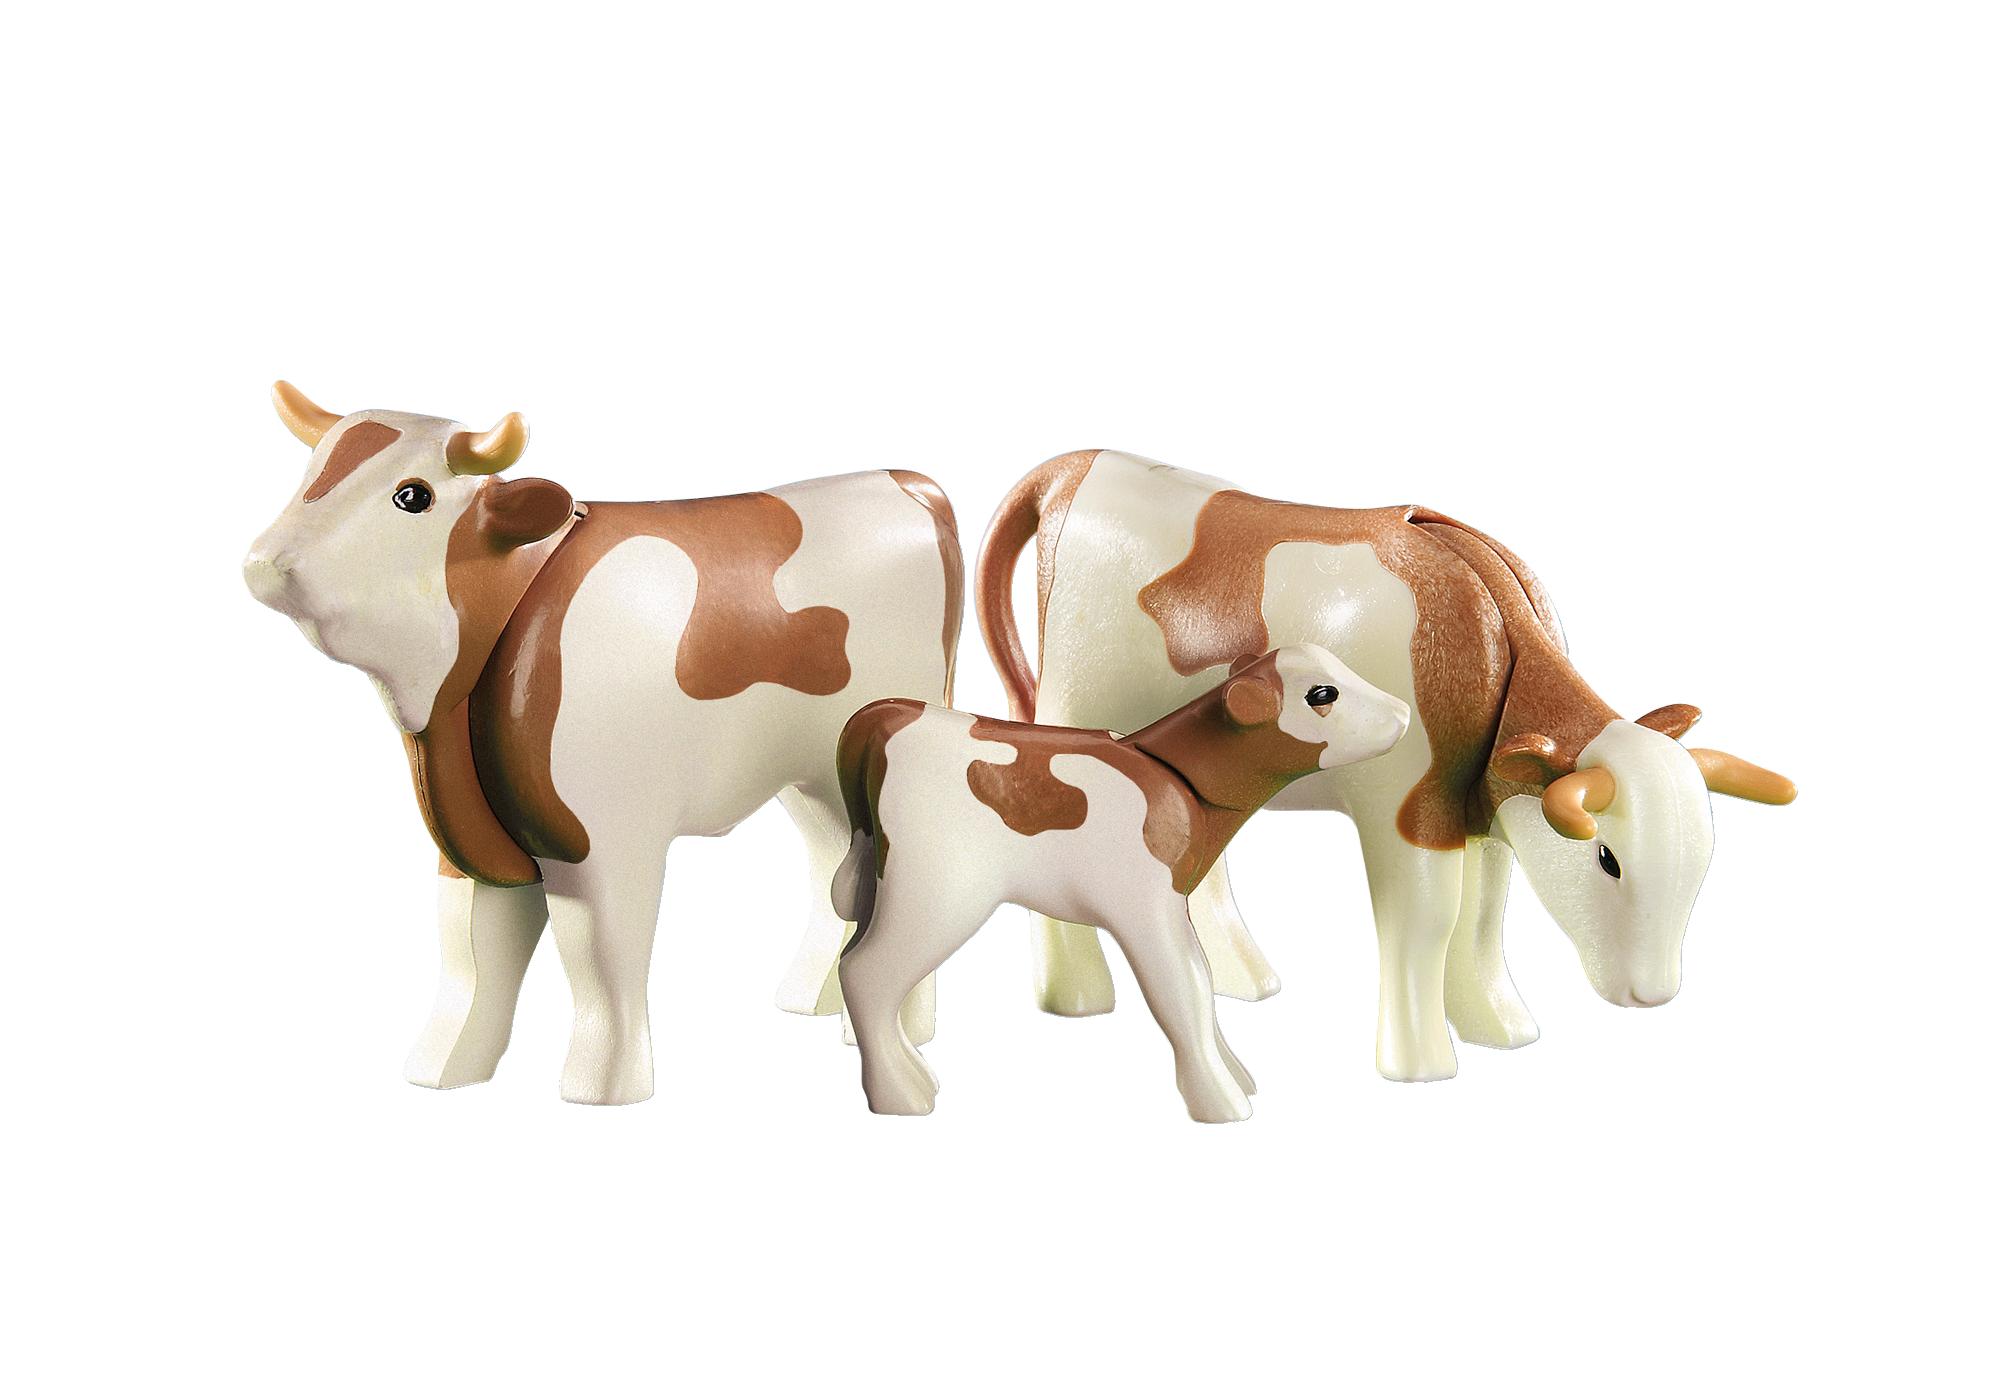 http://media.playmobil.com/i/playmobil/6356_product_detail/2 styk kvæg med lille kalv